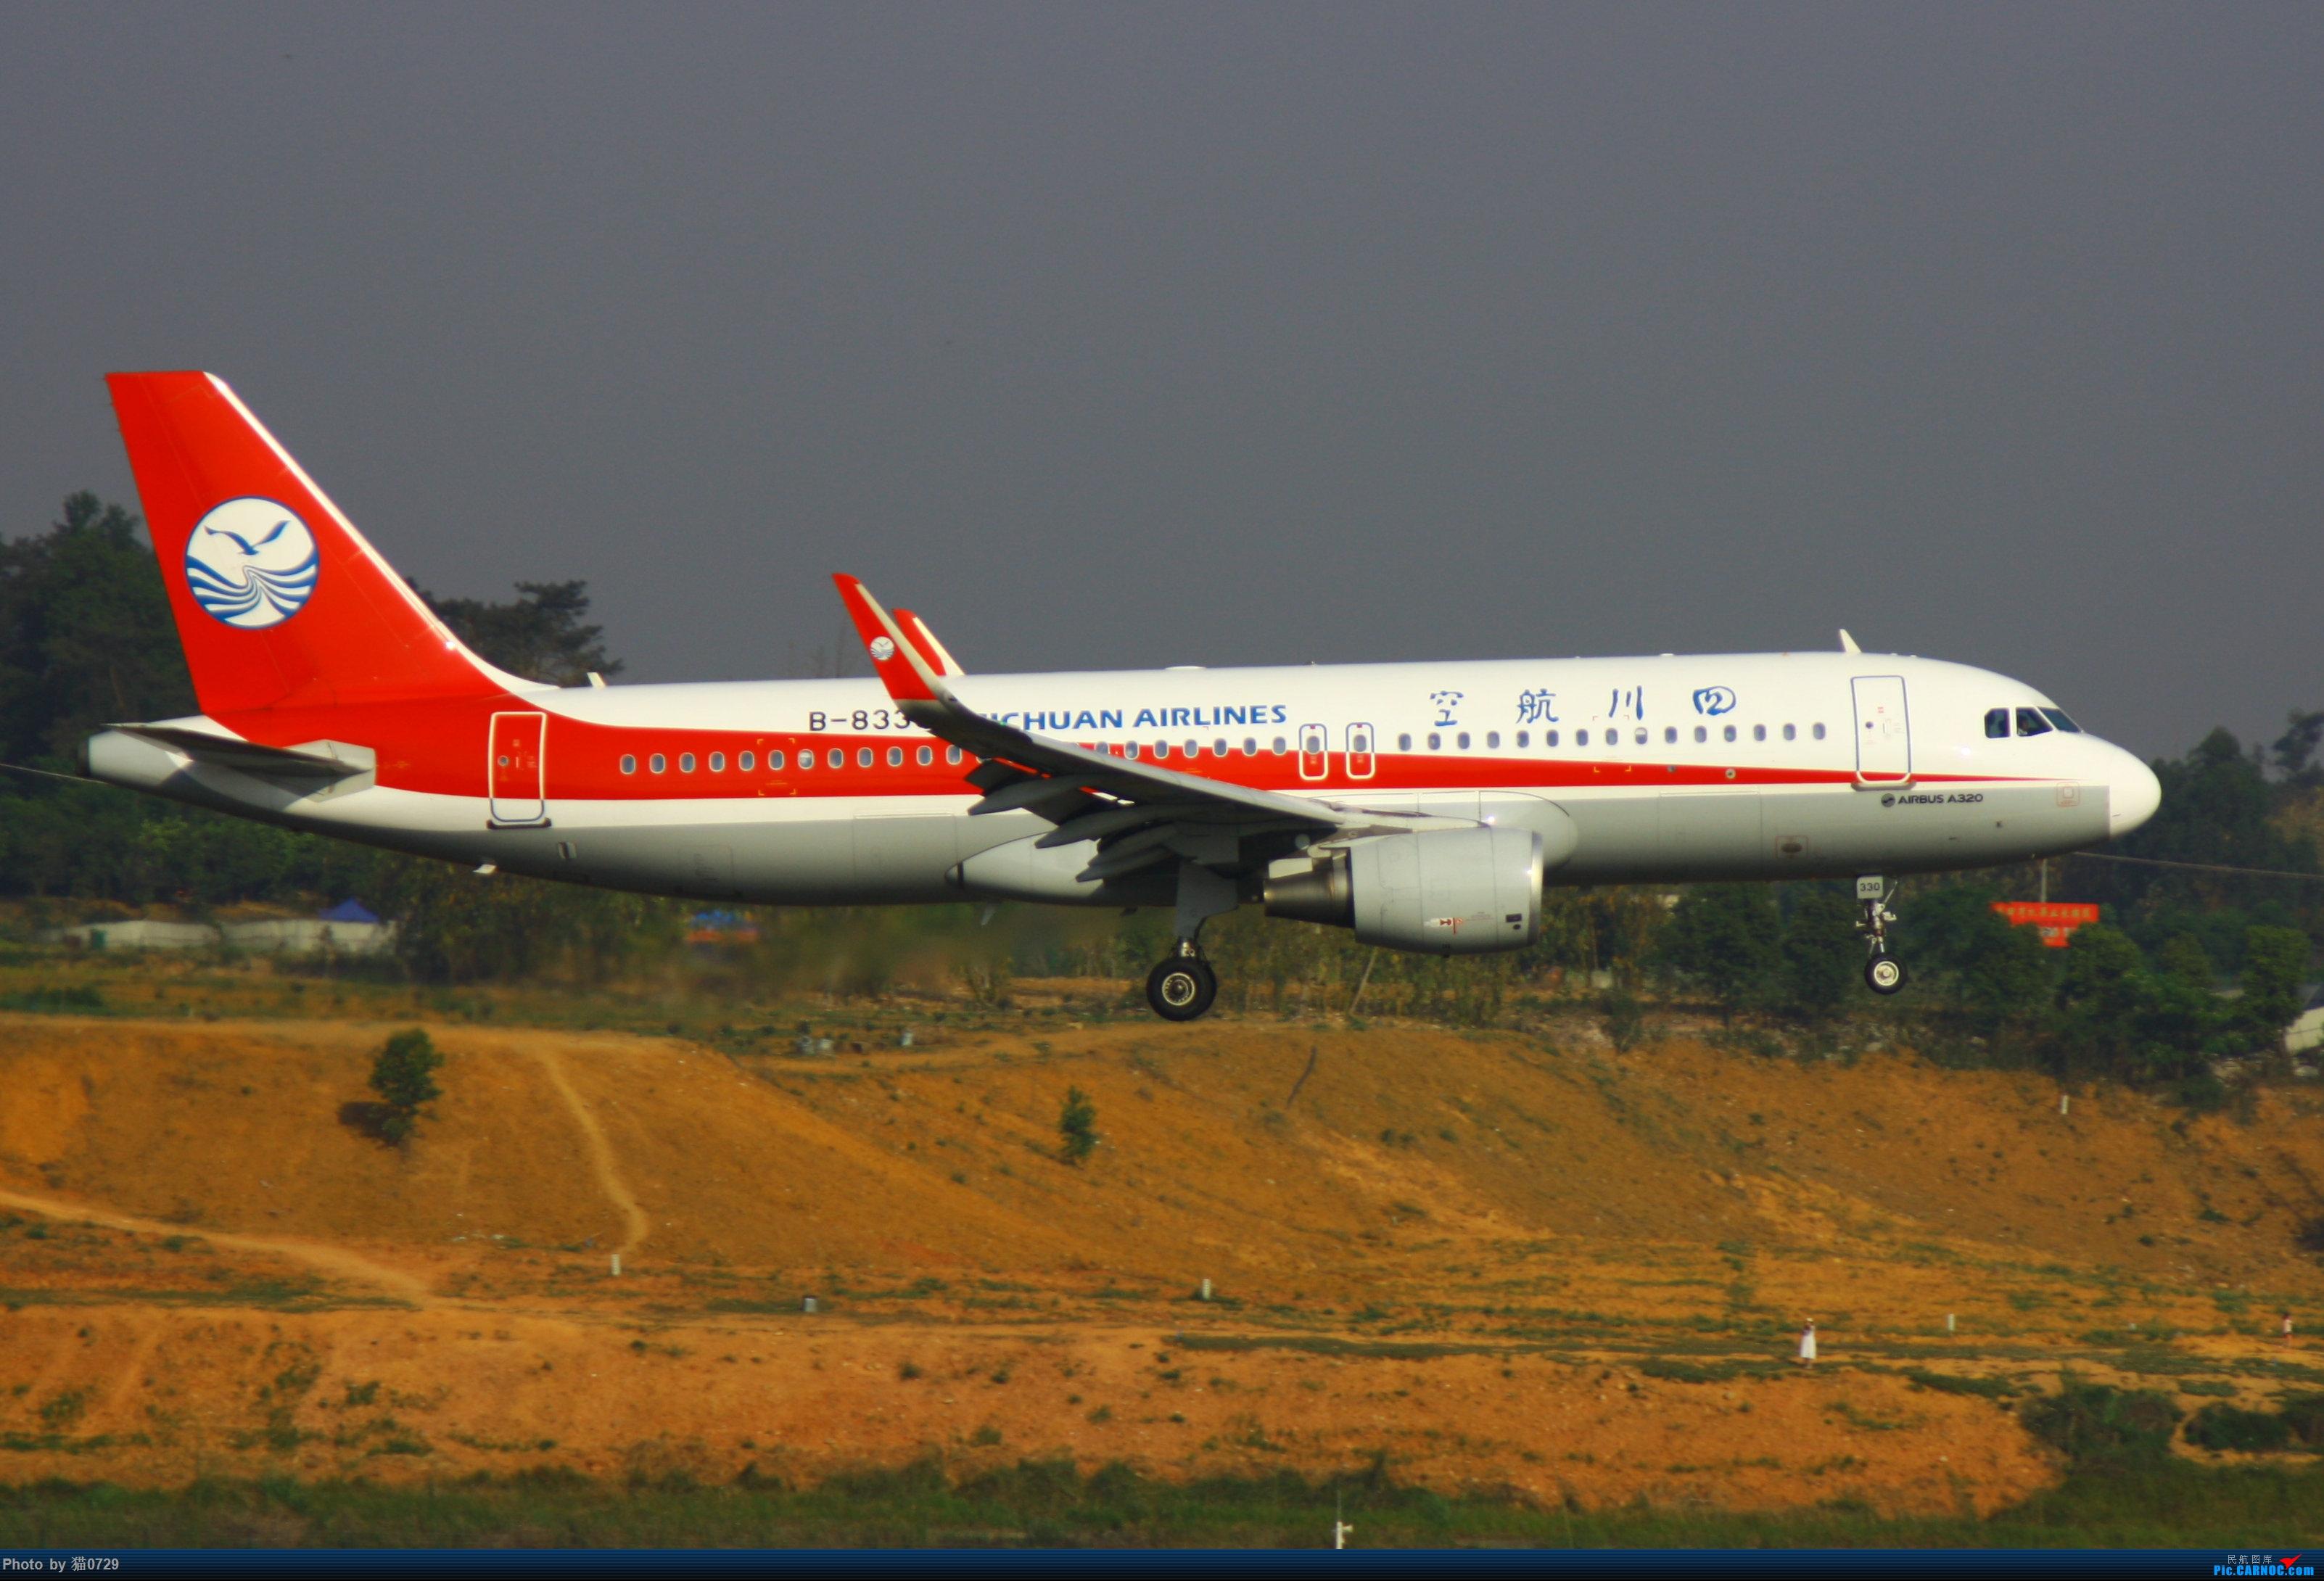 Re:[原创]跑道洞两右,气温三拐,六点五小时坚守双流 AIRBUS A320-200 B-8330 中国成都双流国际机场